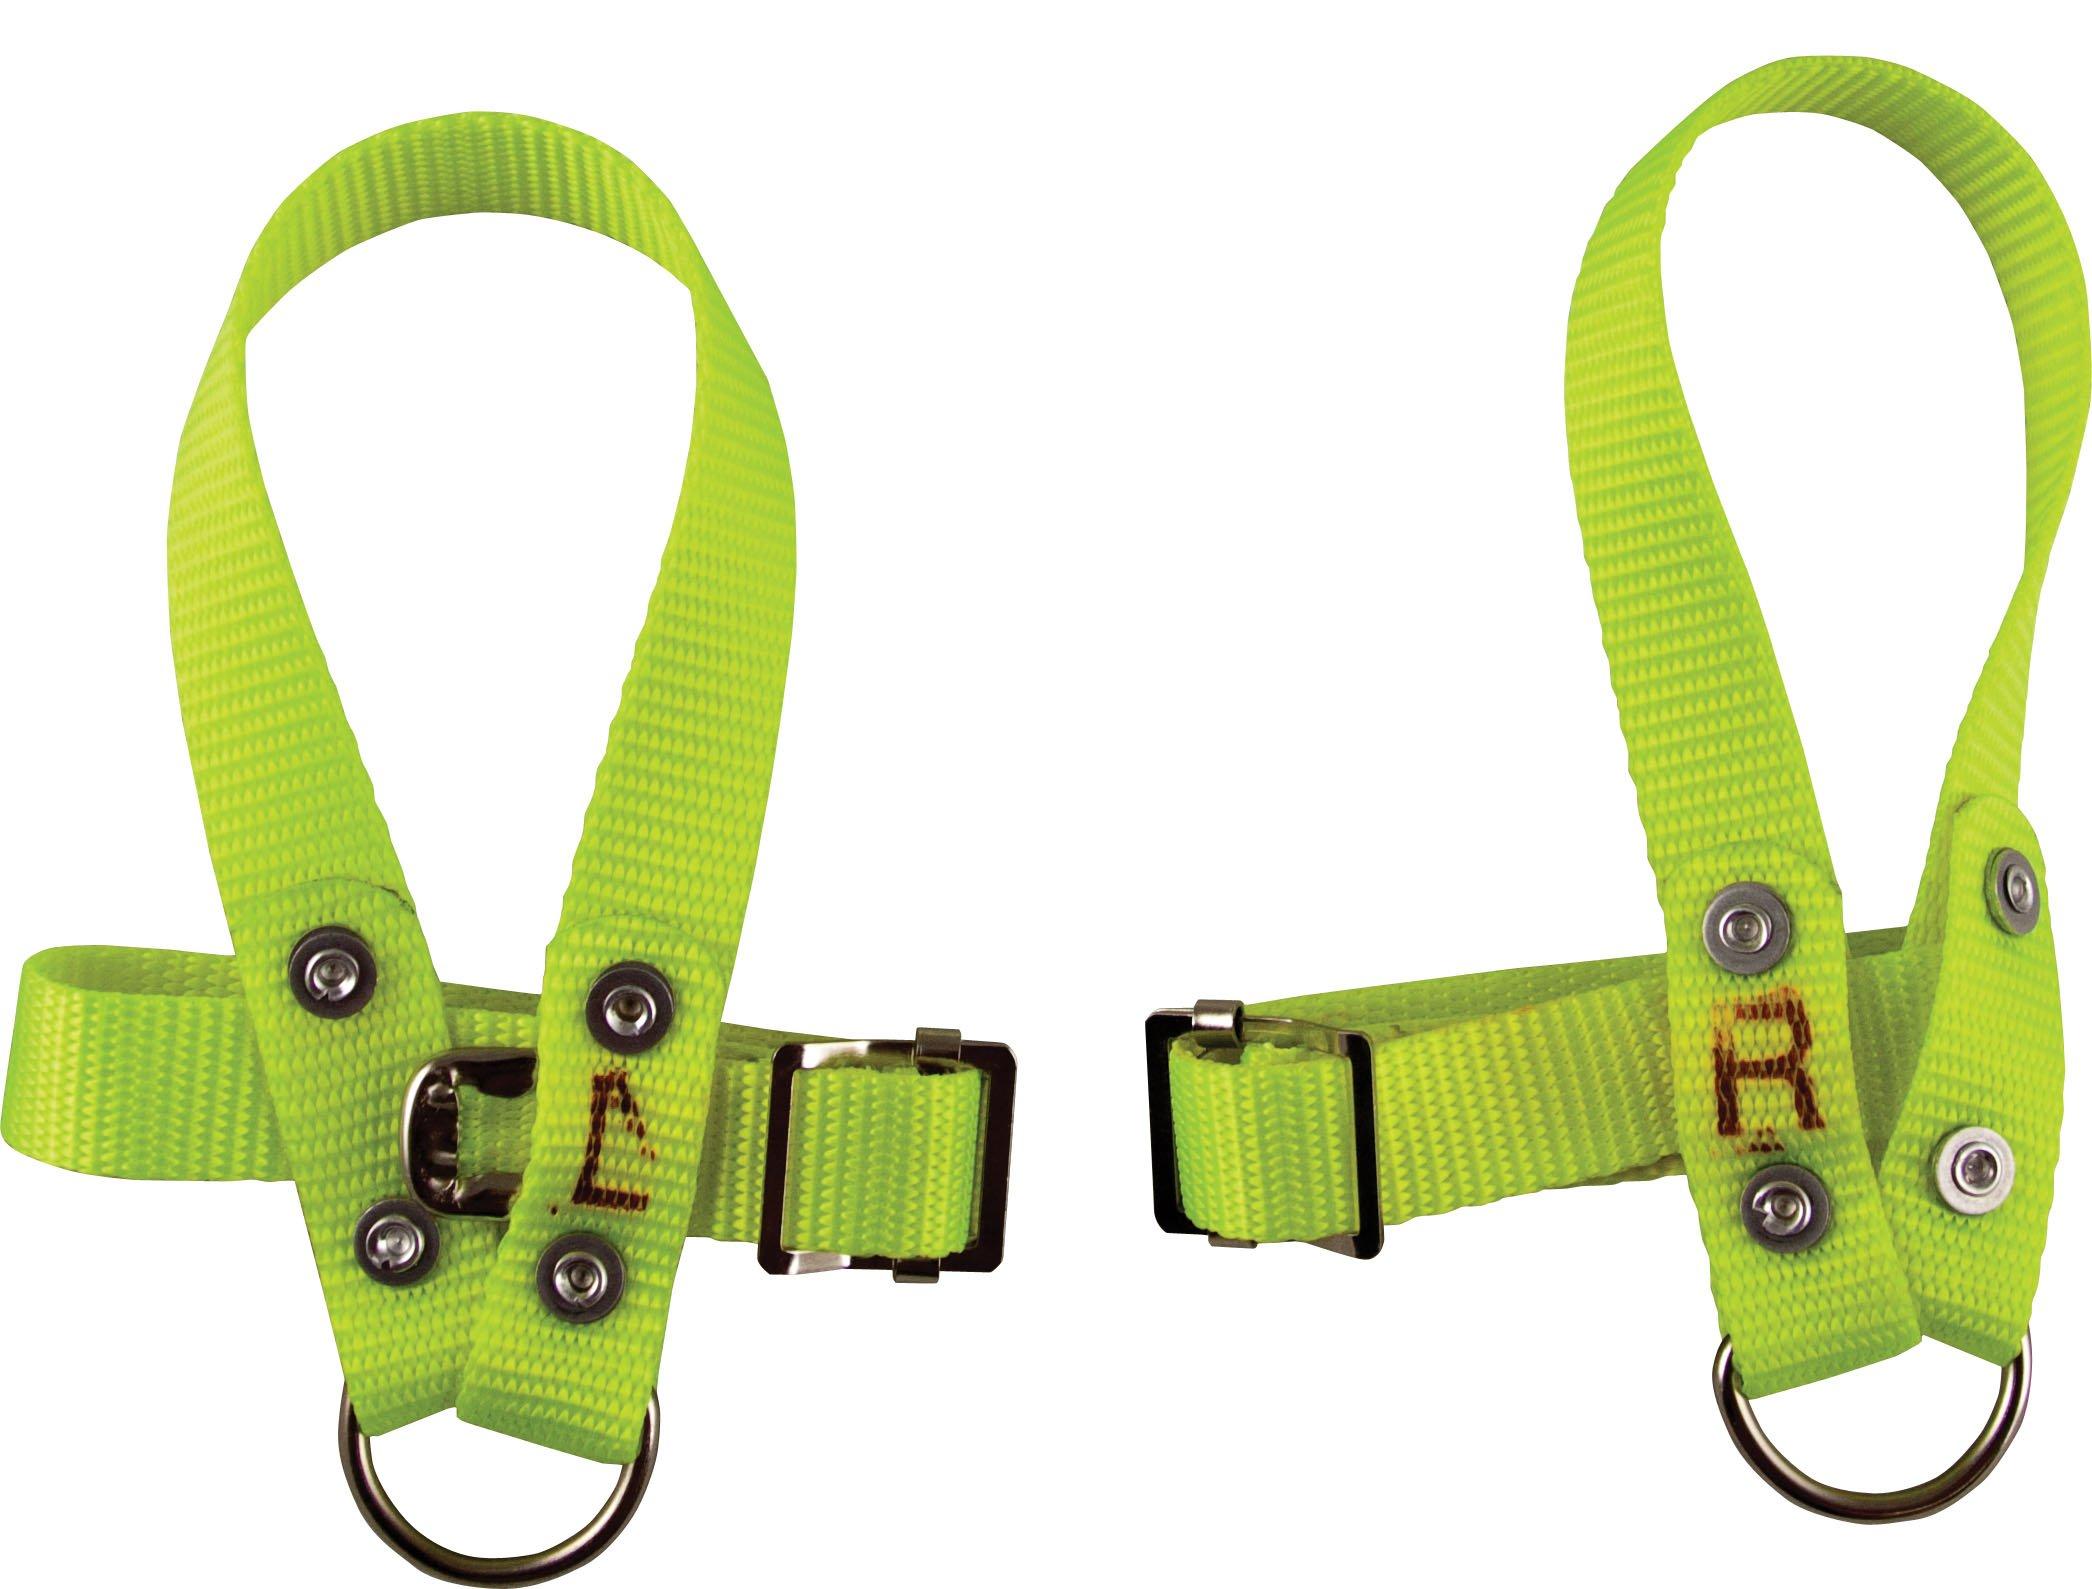 Safety Nylon Wristlets (XL Pair) for Press Brakes